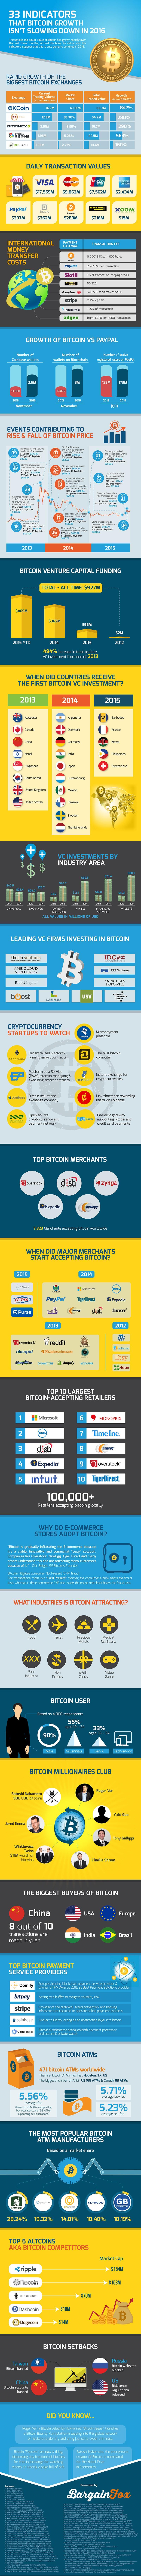 33 indicadores que sugieren el crecimiento de Bitcoin en 2016